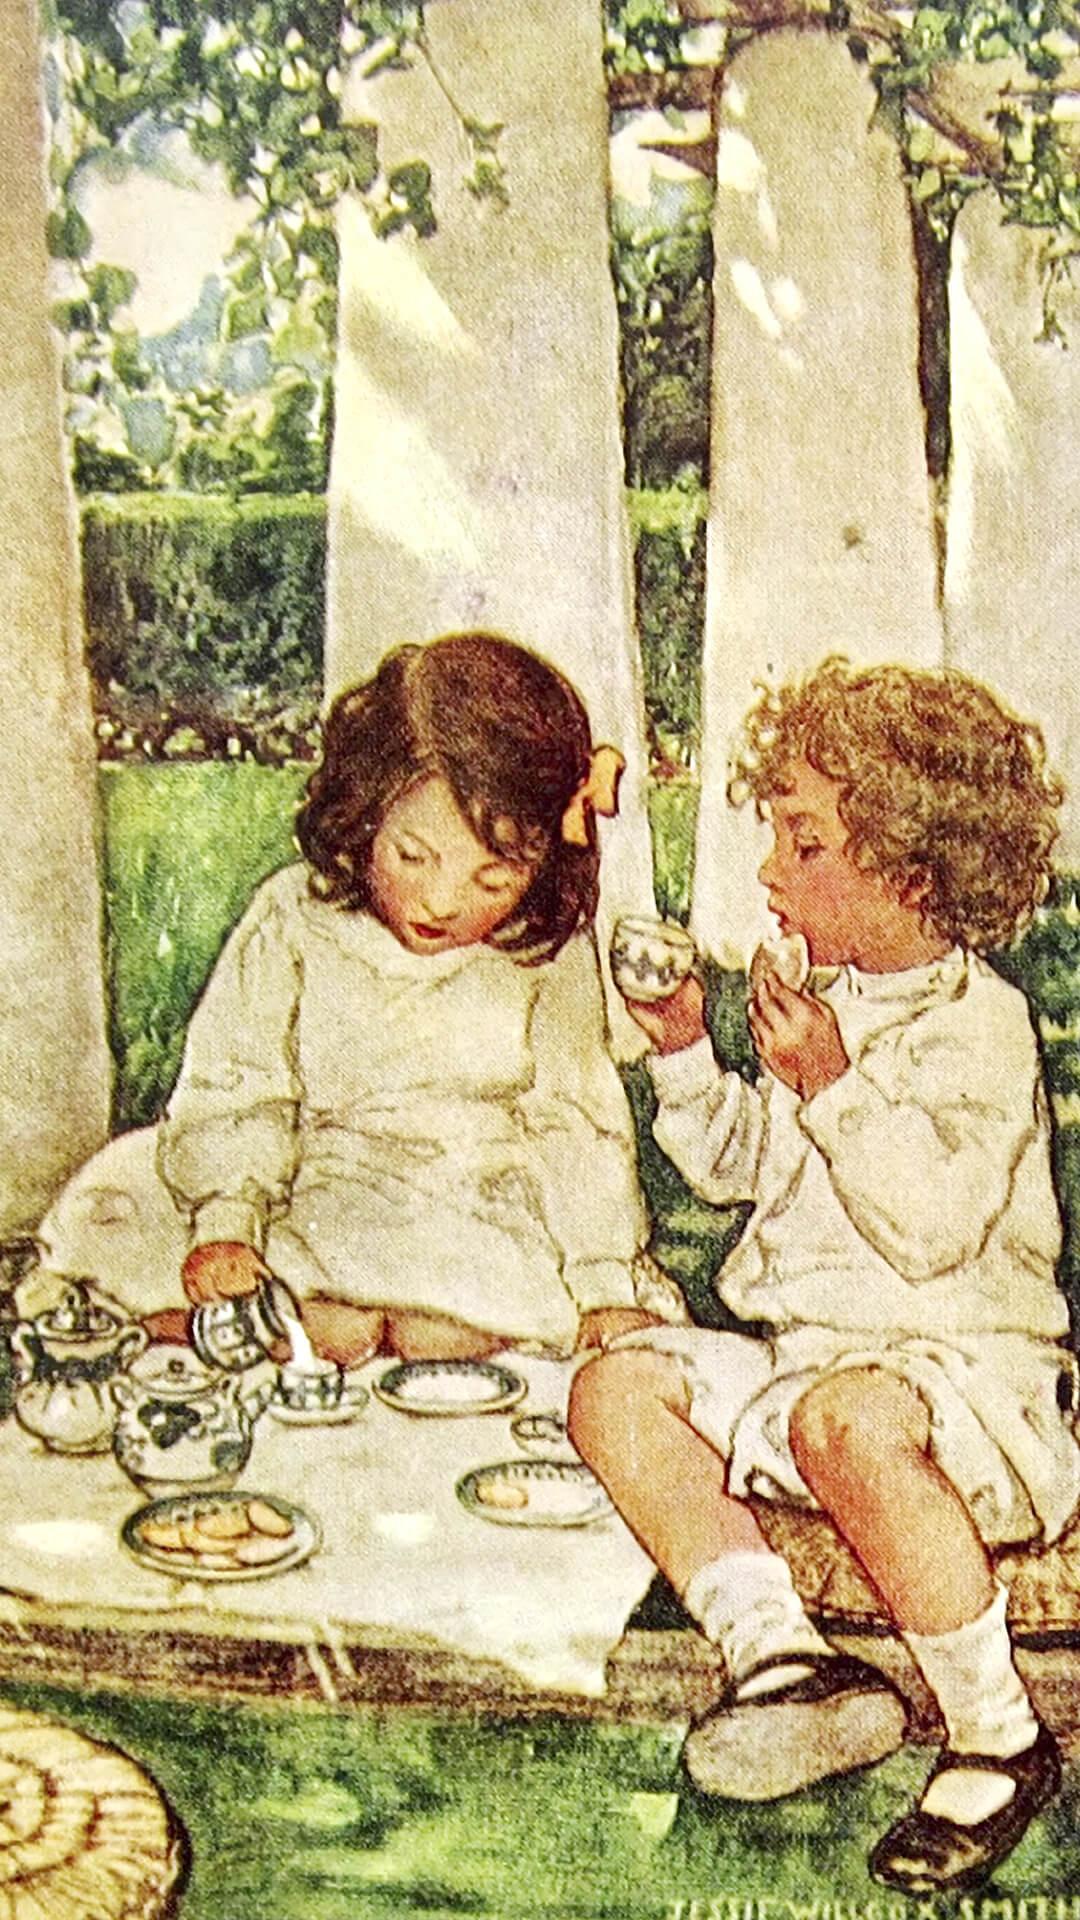 ジェシー・W・スミス jessie w smith / Five O' Clock Tea